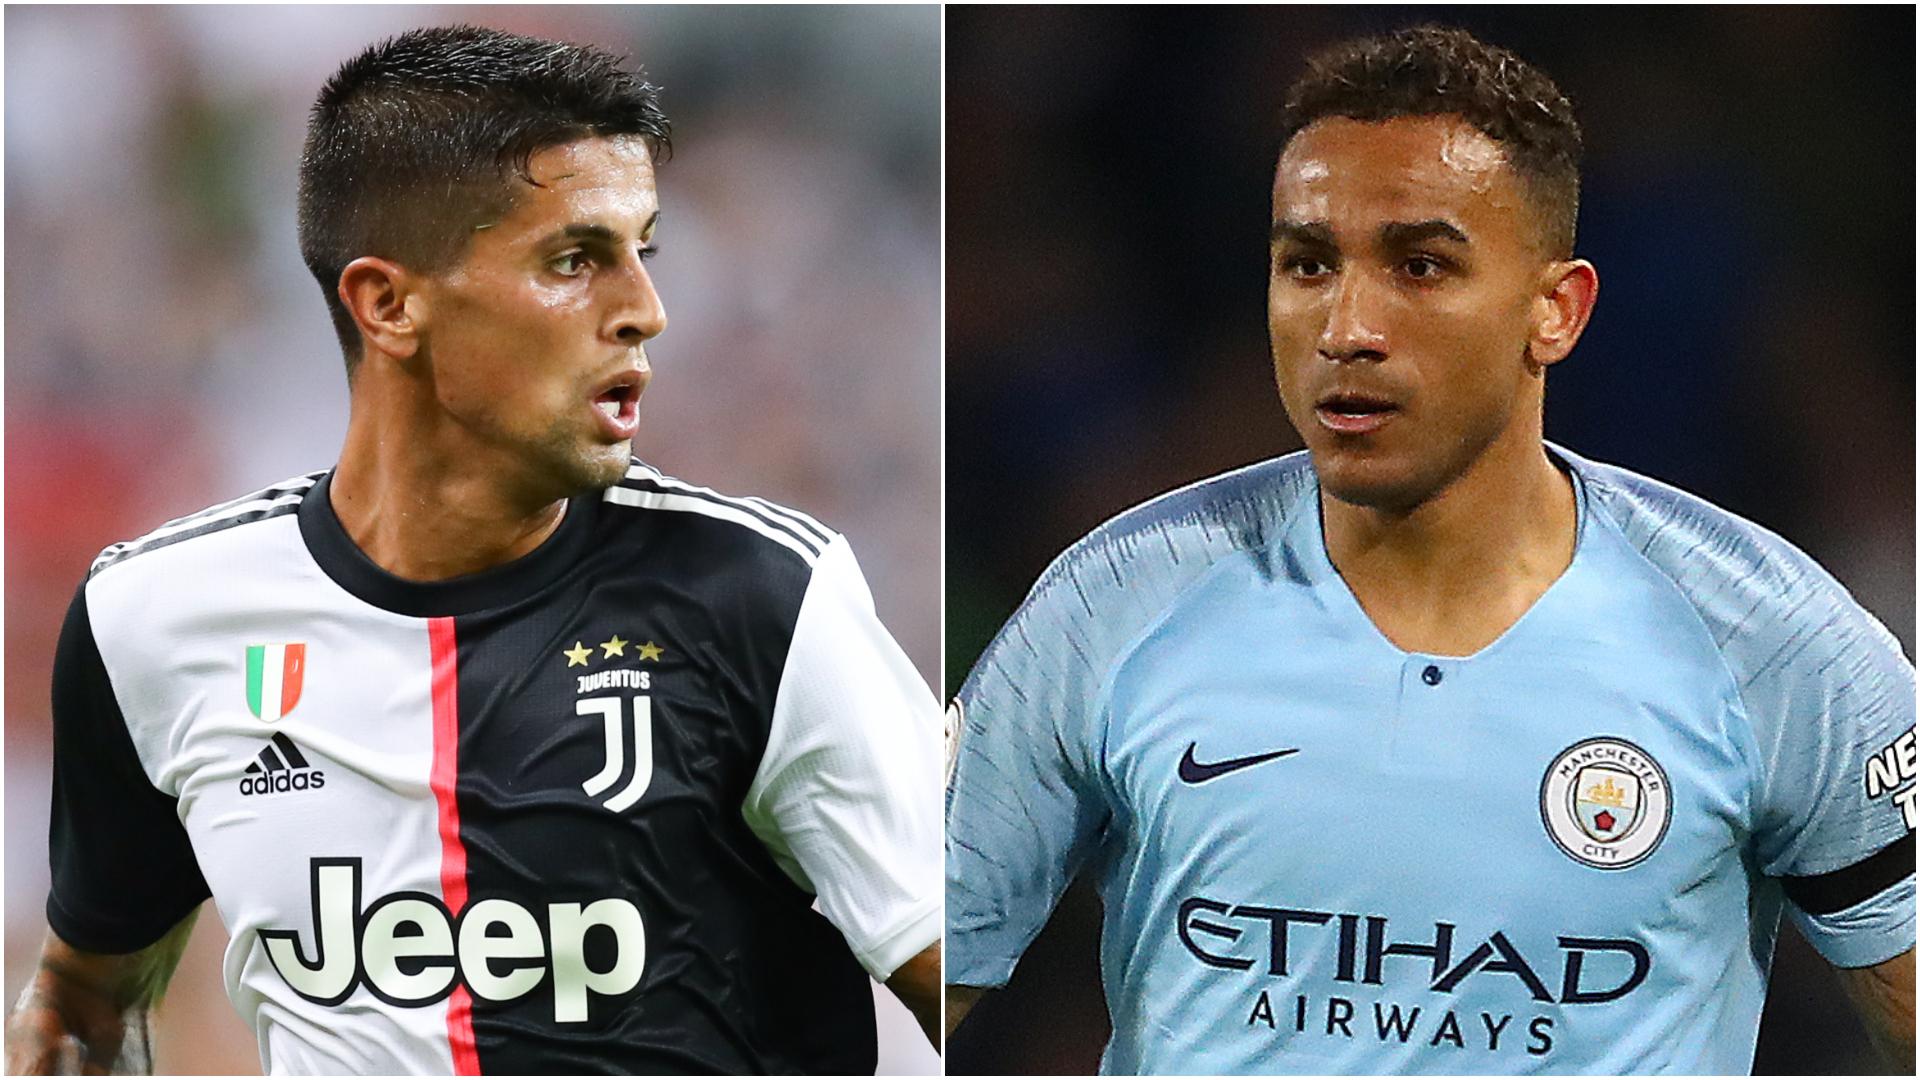 Mercato - Juventus : Joao Cancelo intéresse Man City, Danilo a été proposé dans la transaction